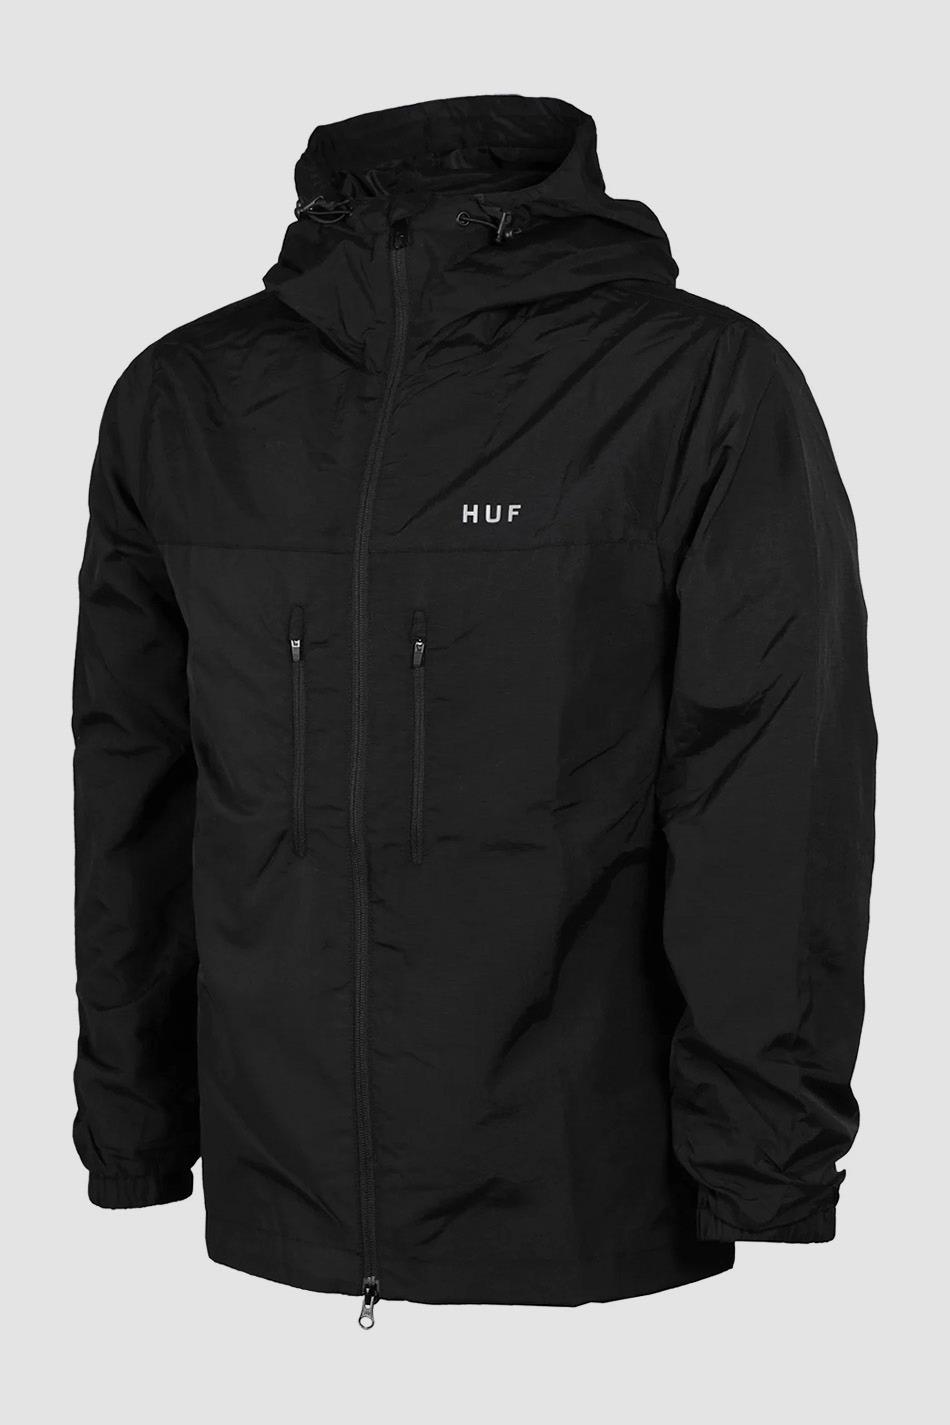 HUF Essentials Zip Jacket